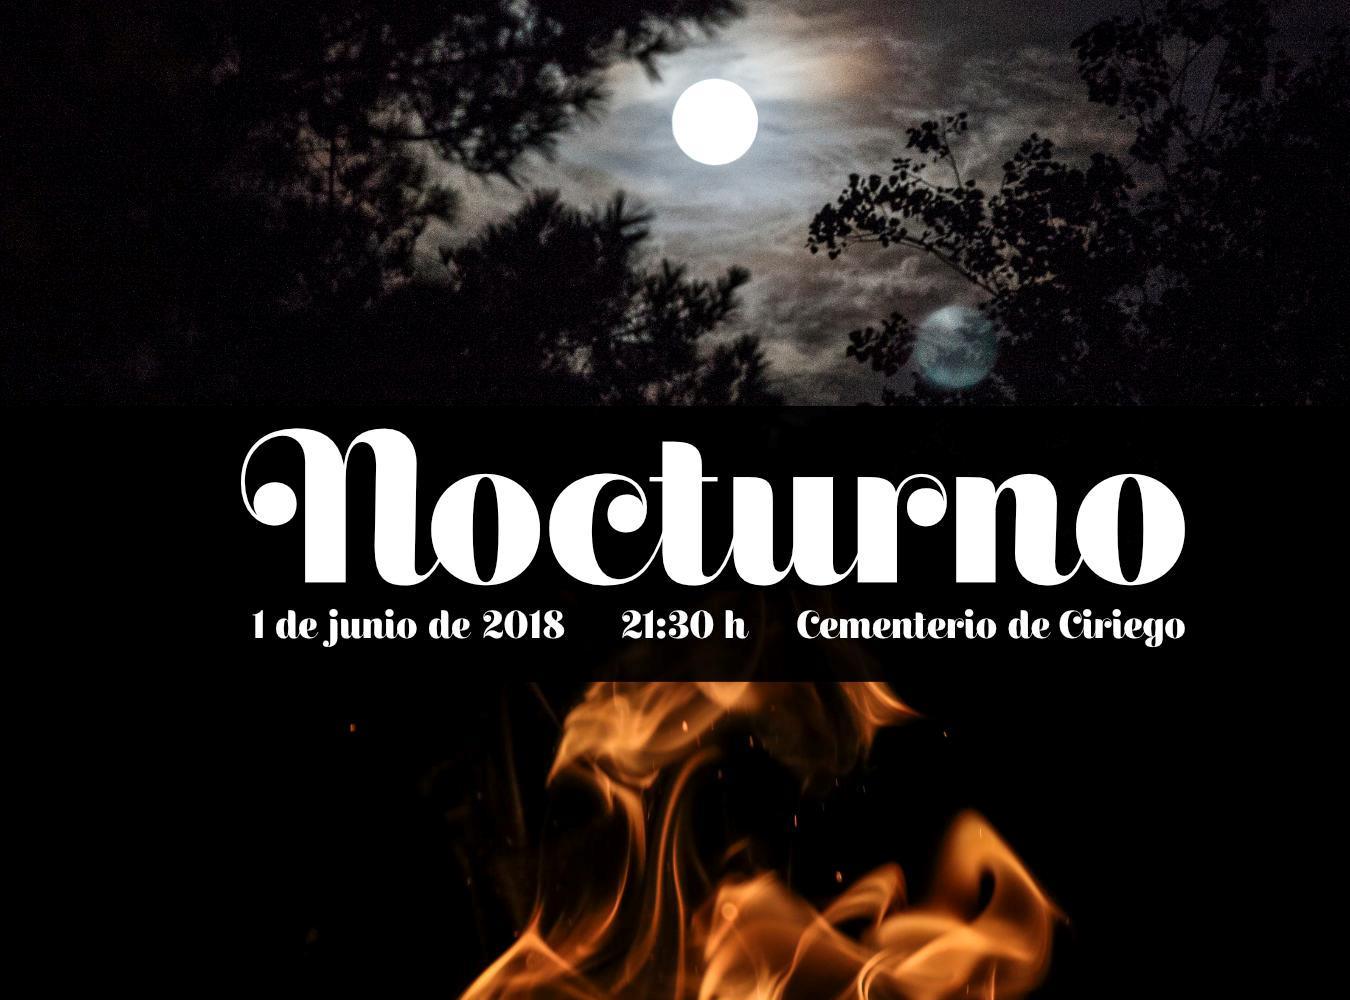 cartel-jornada-nocturno-ciriego